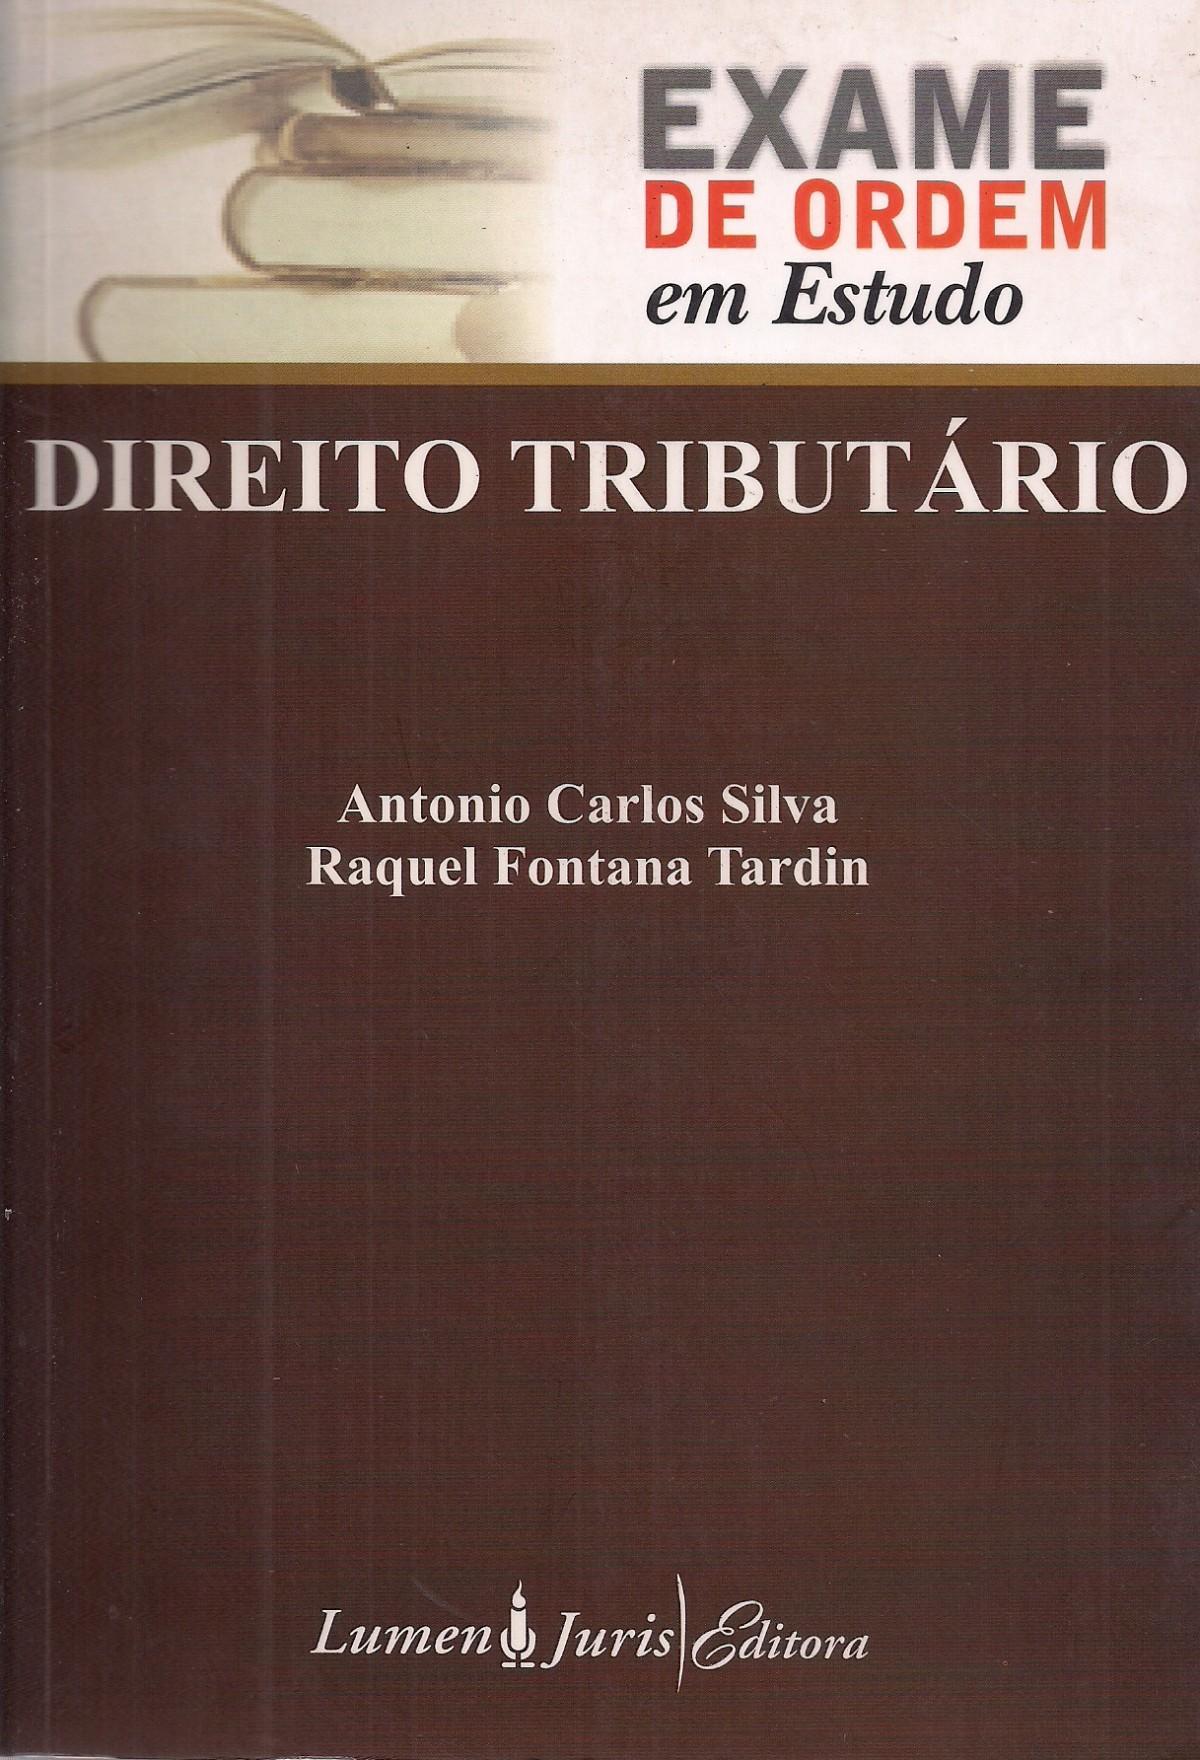 Foto 1 - Exame de Ordem Em Estudo - Direito Tributário